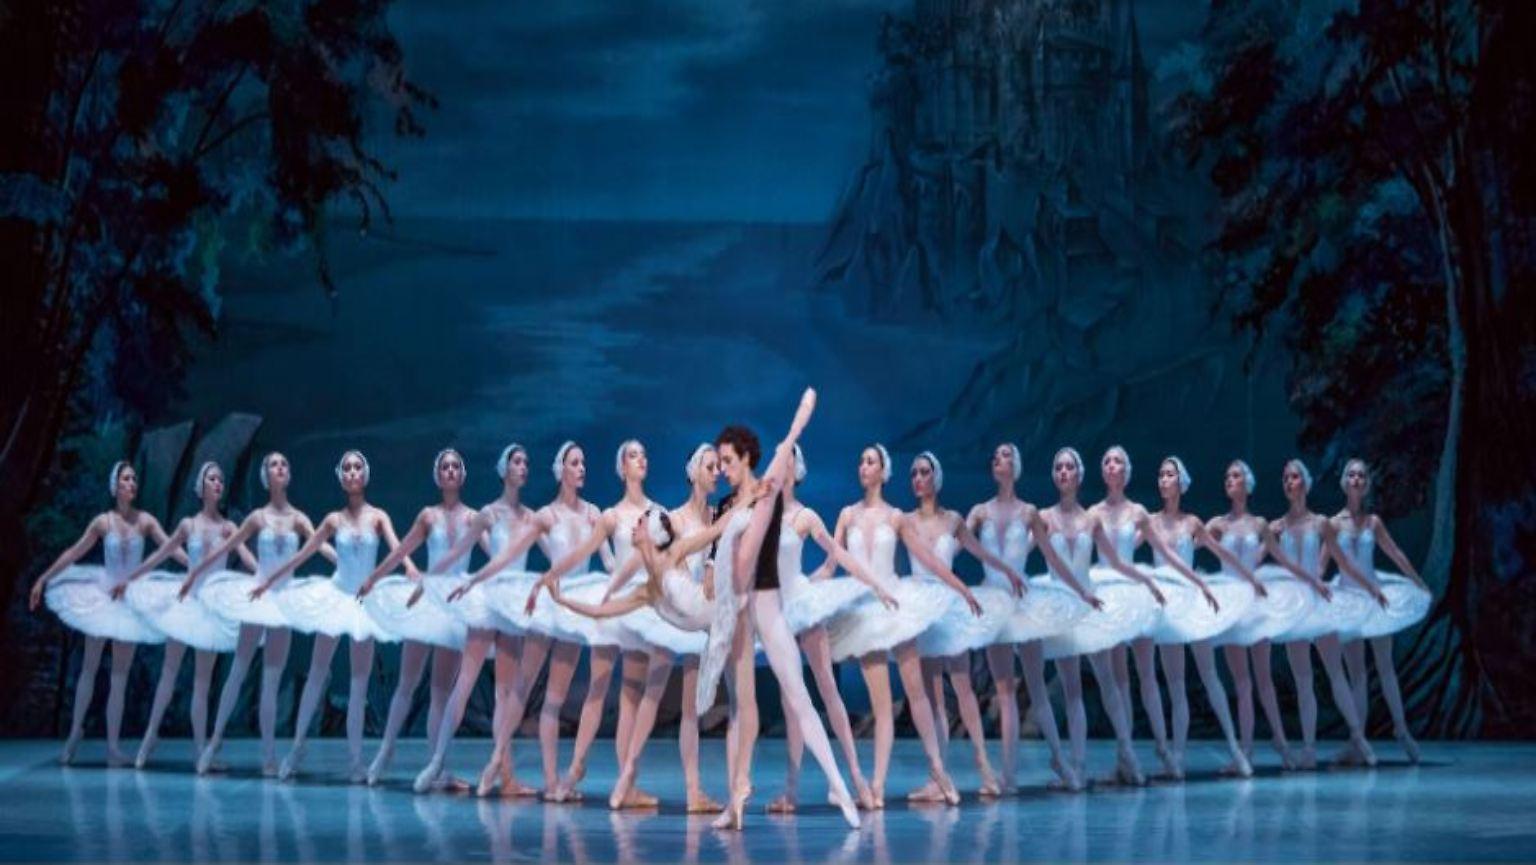 Ballett Weihnachten 2019.Tanzen Das Bedeutet Leben Russisches Staatsballett Moskau Tourt